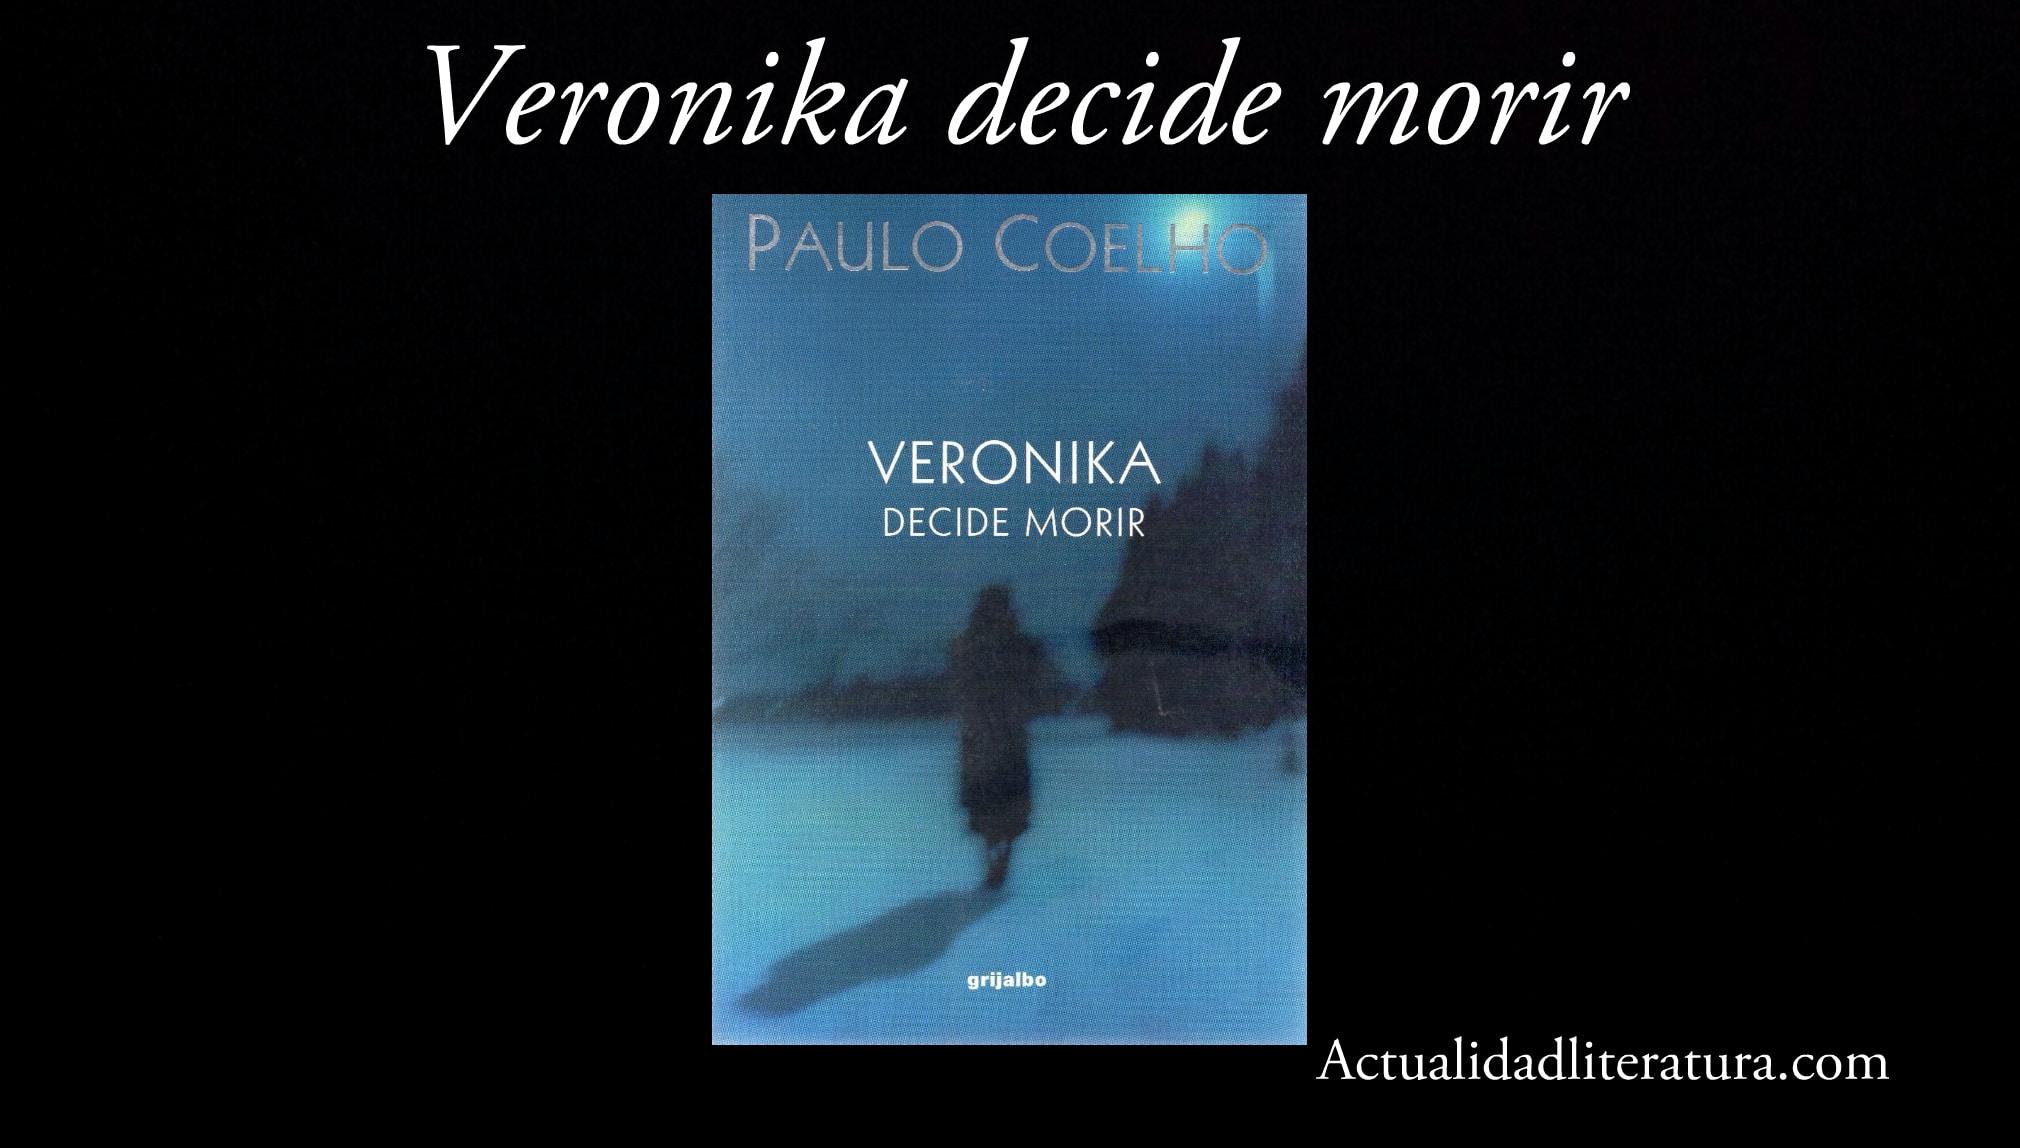 Veronika decide morir.